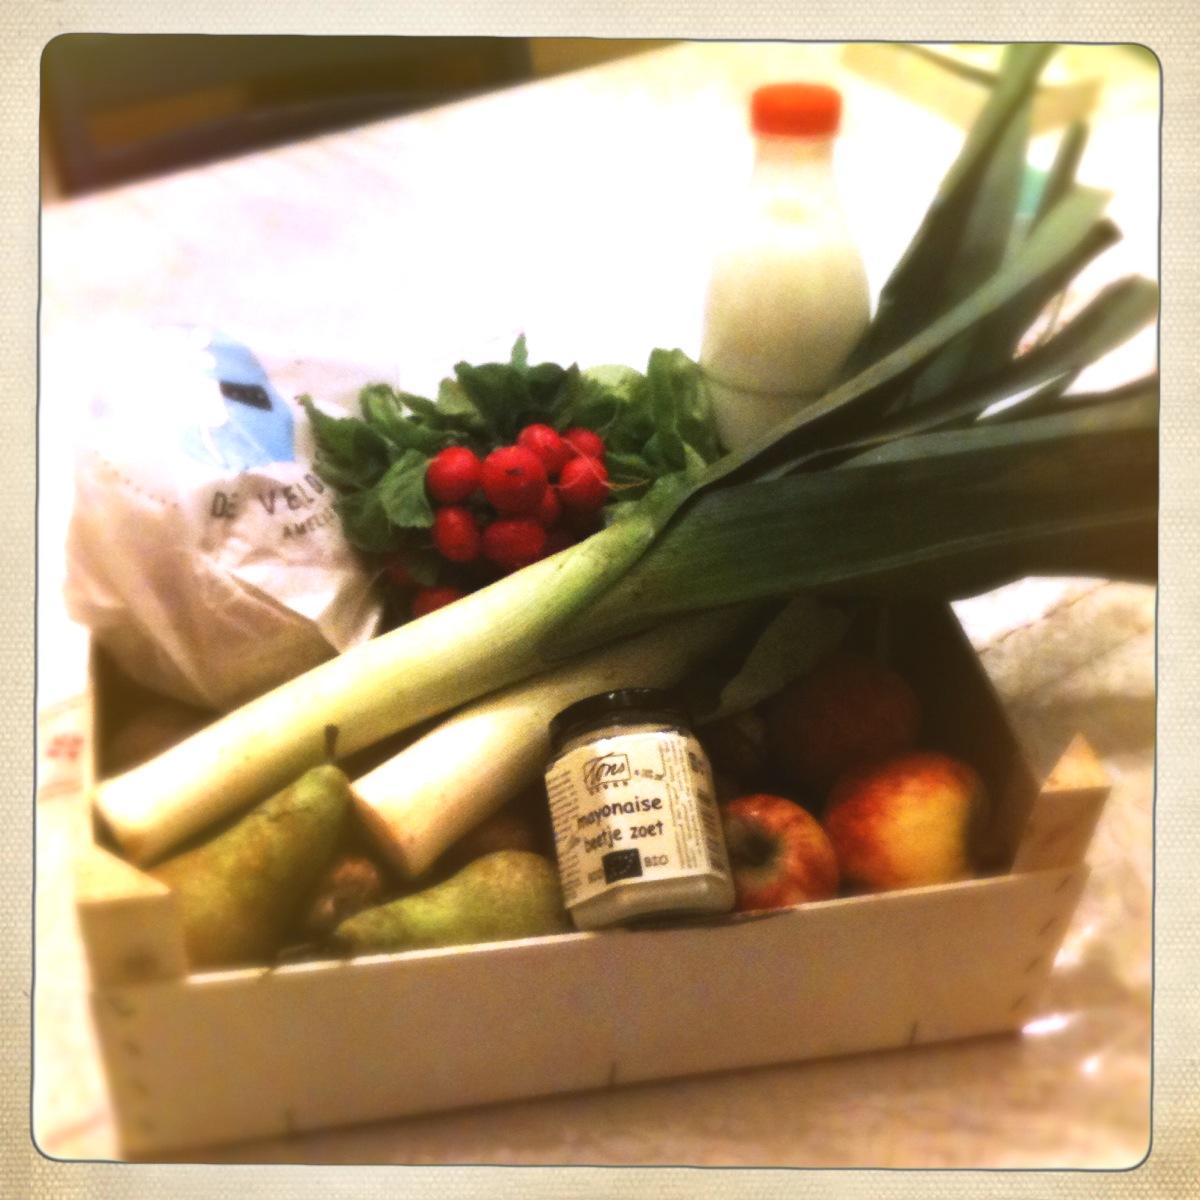 De krat van de streekmolen 1 foodiemoods - Krat met appel ...